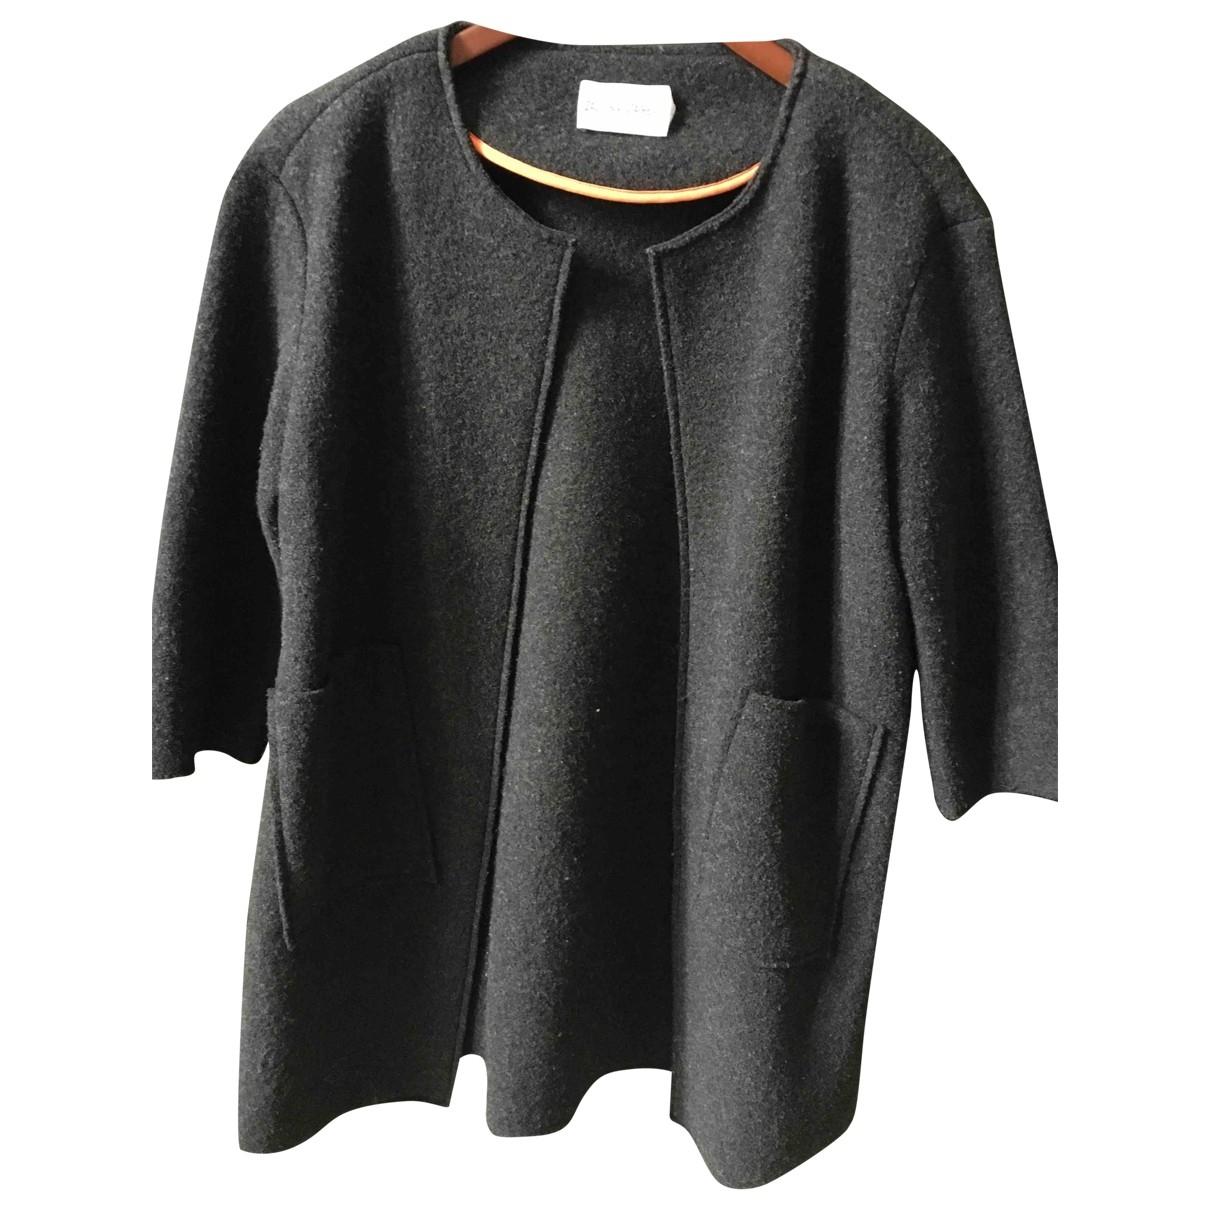 Zadig & Voltaire \N Grey Wool coat for Women S International